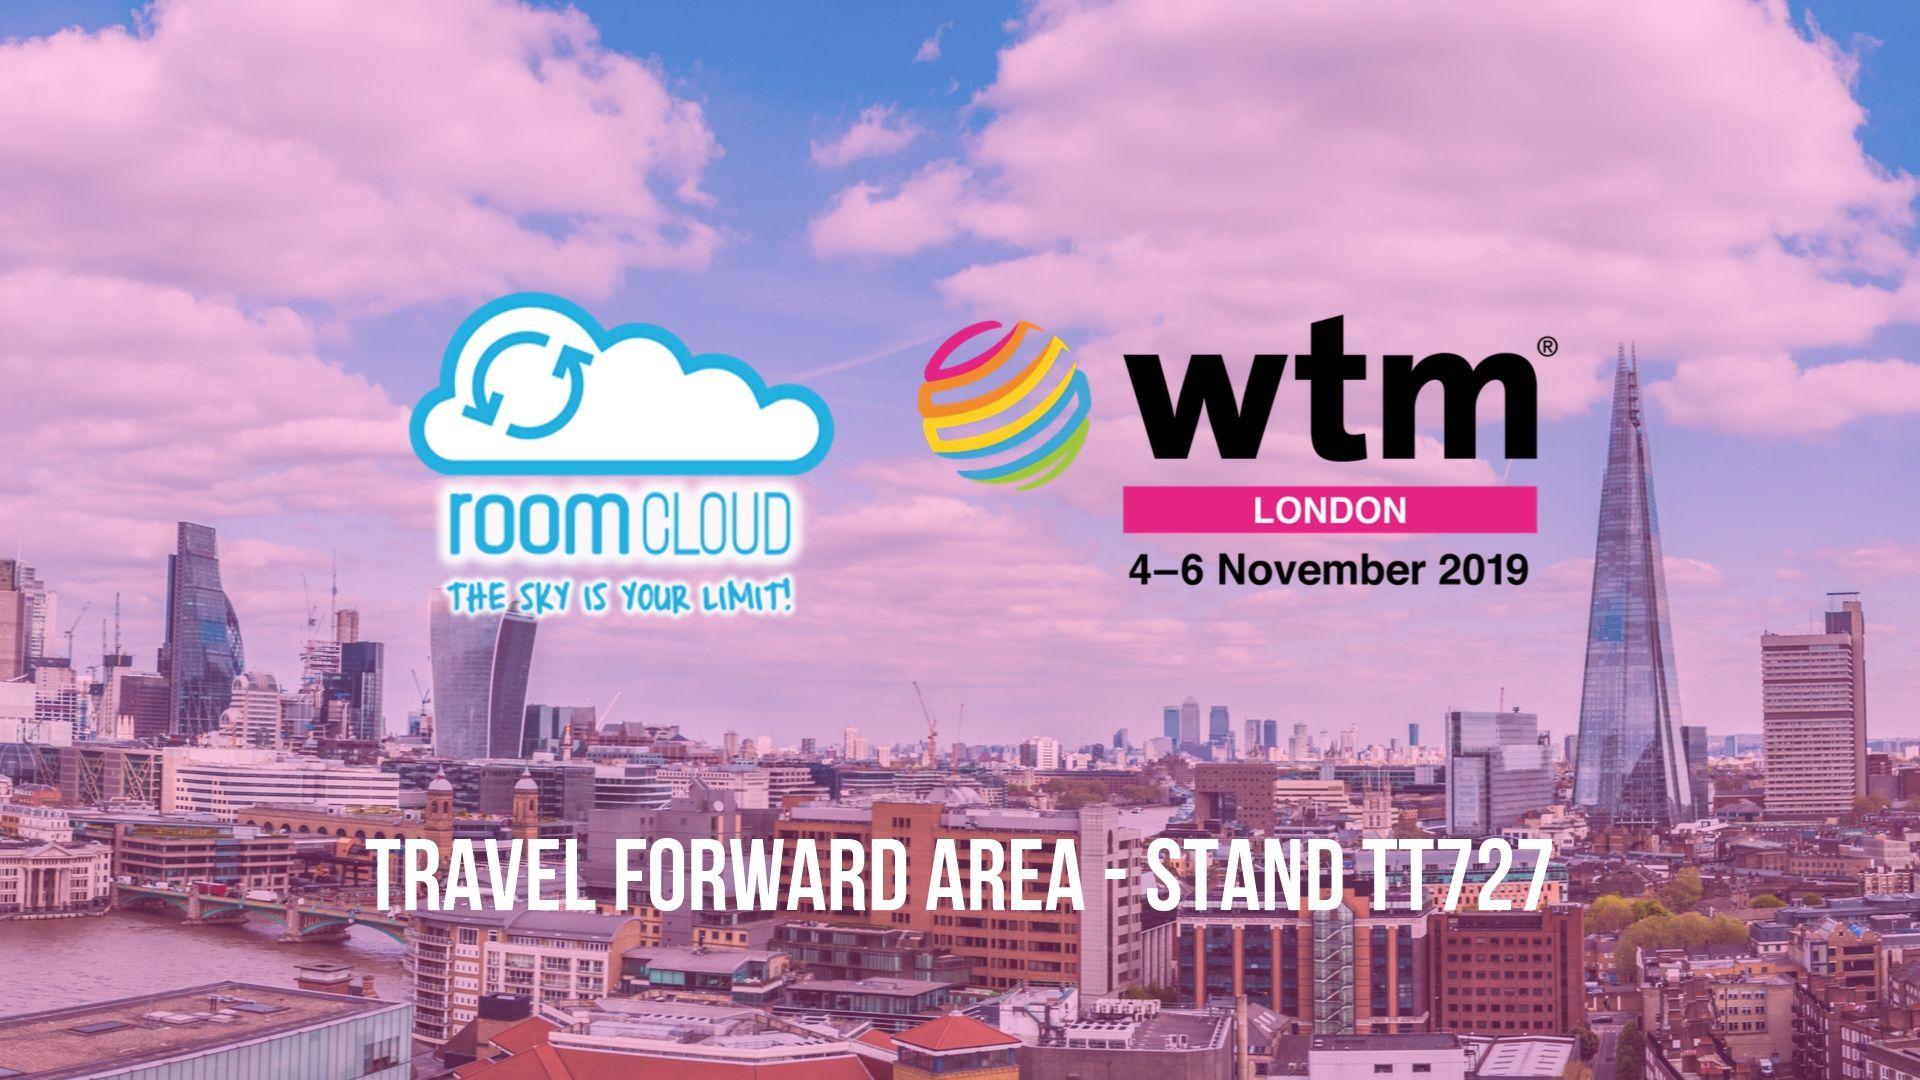 RoomCloud estarà presente al WTM 2019 en Londres